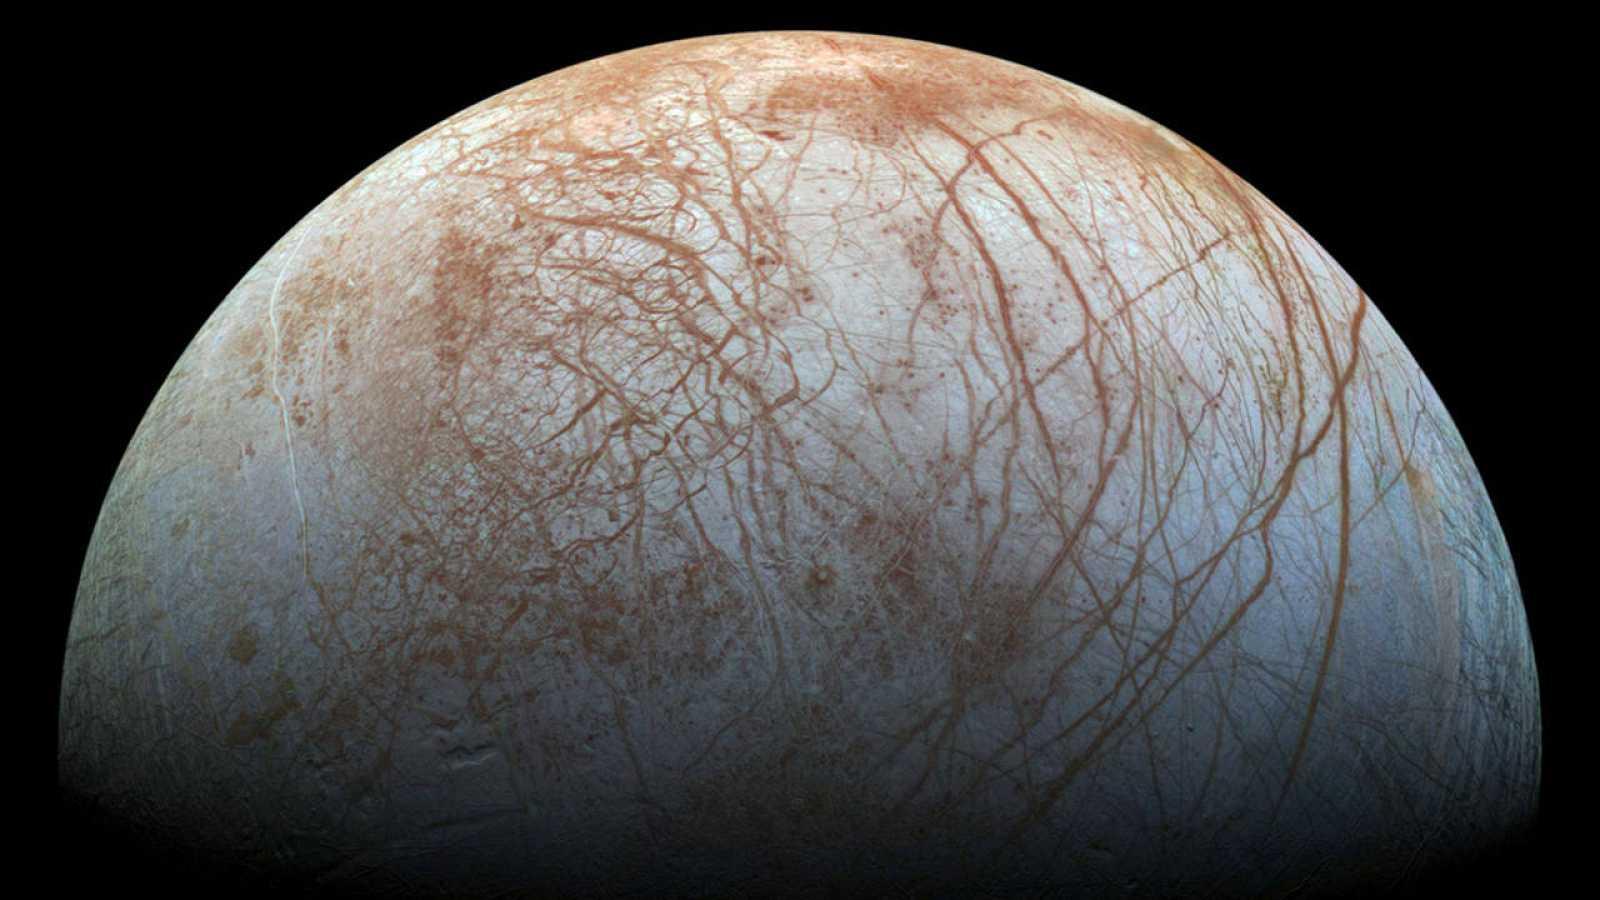 Imagen facilitada por la NASA de la superficie de Europa, la luna helada de Júpiter.